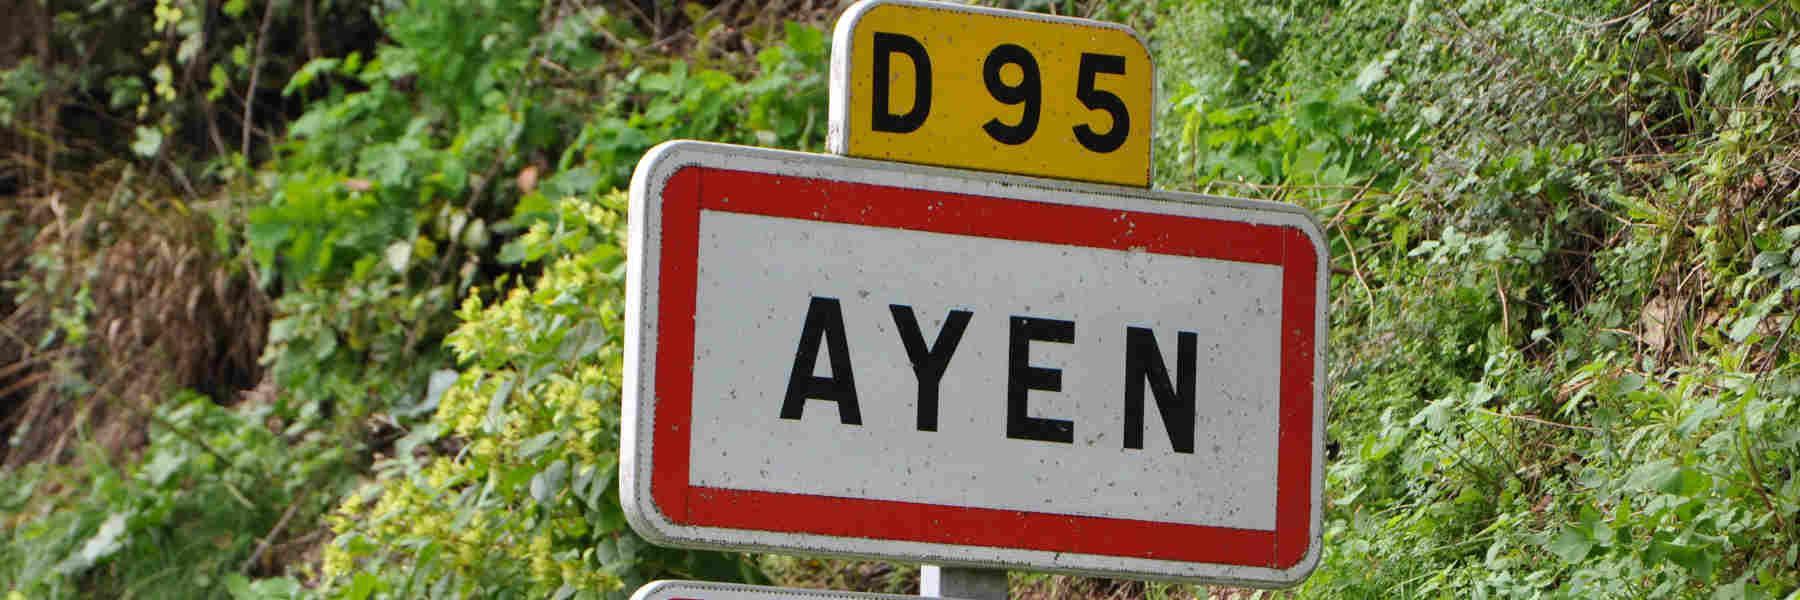 Les initiatives de développement durable à Ayen